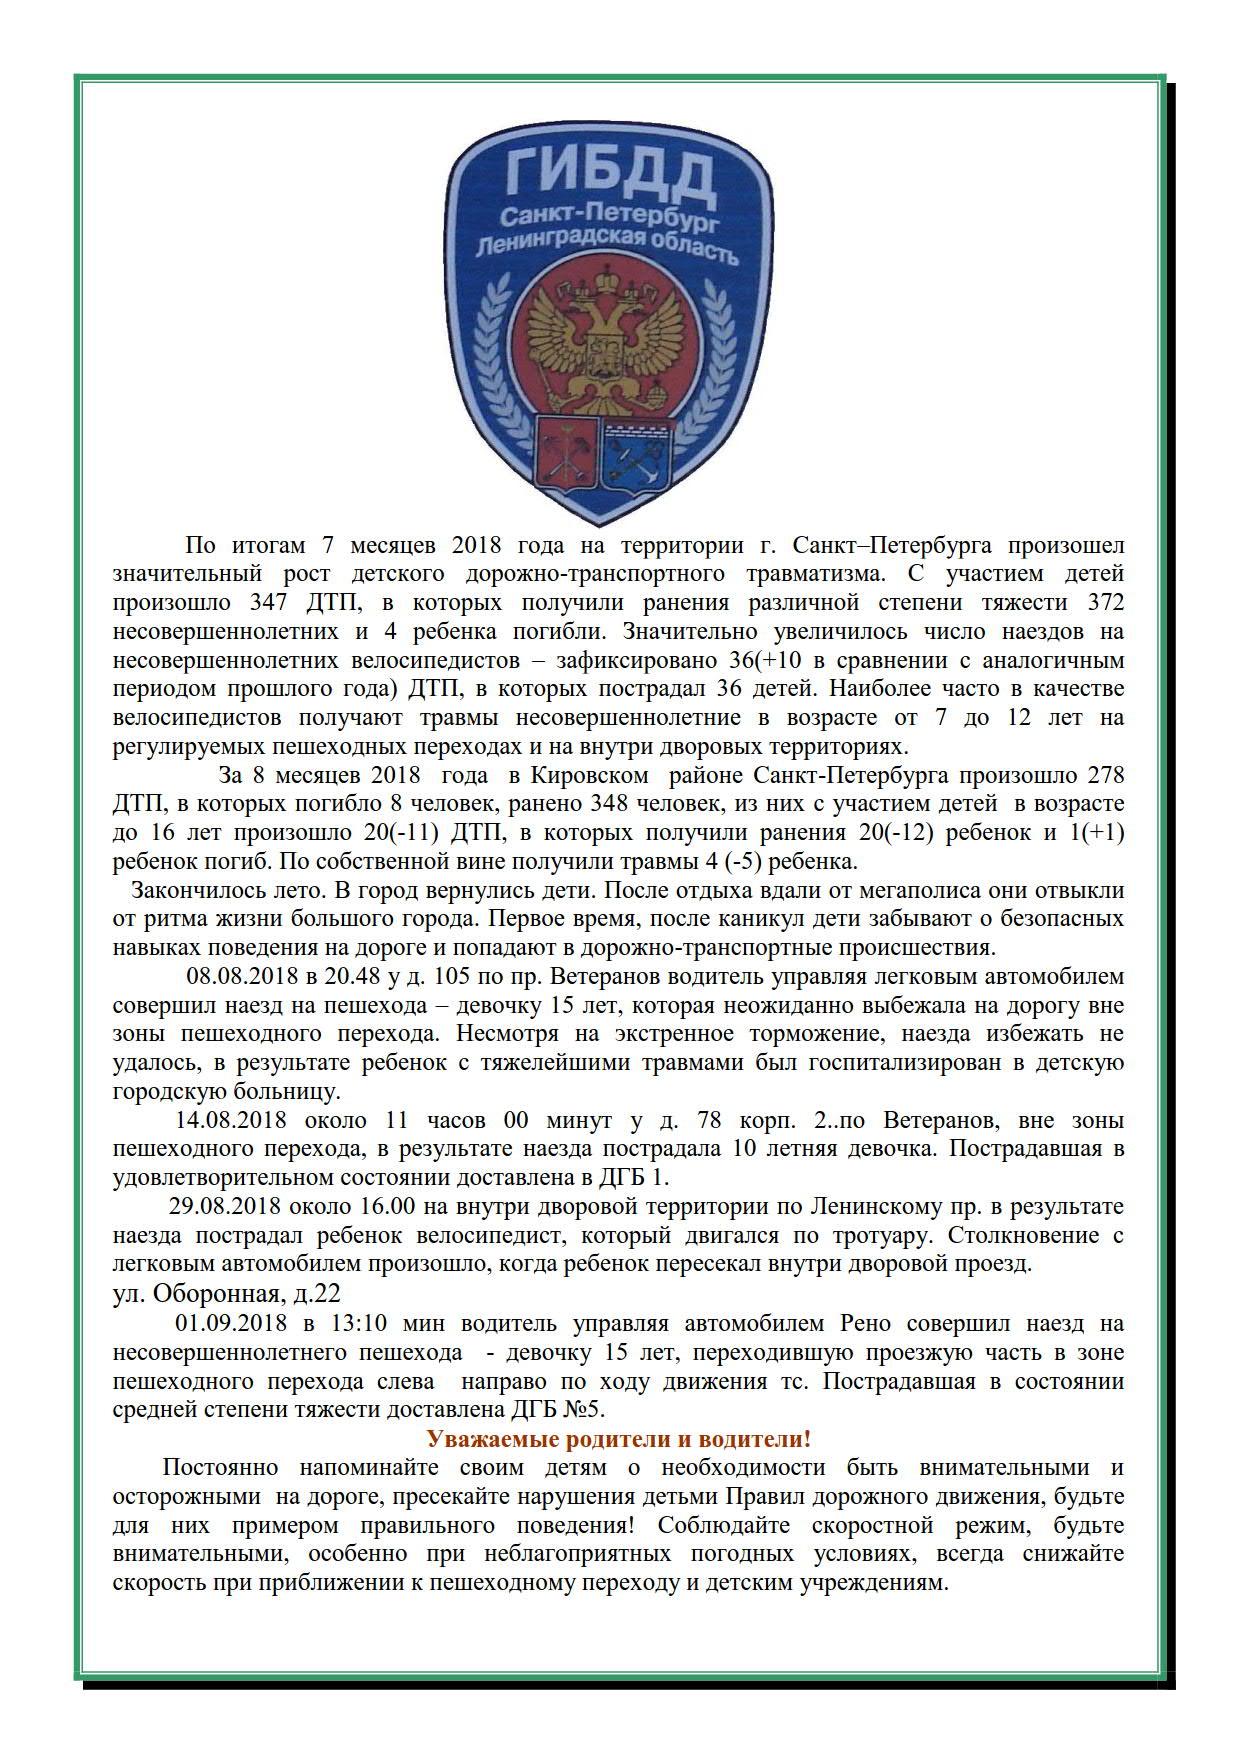 листовка ВНИАНИЕ ДЕТИ август 2018 ГОДА (1)_1